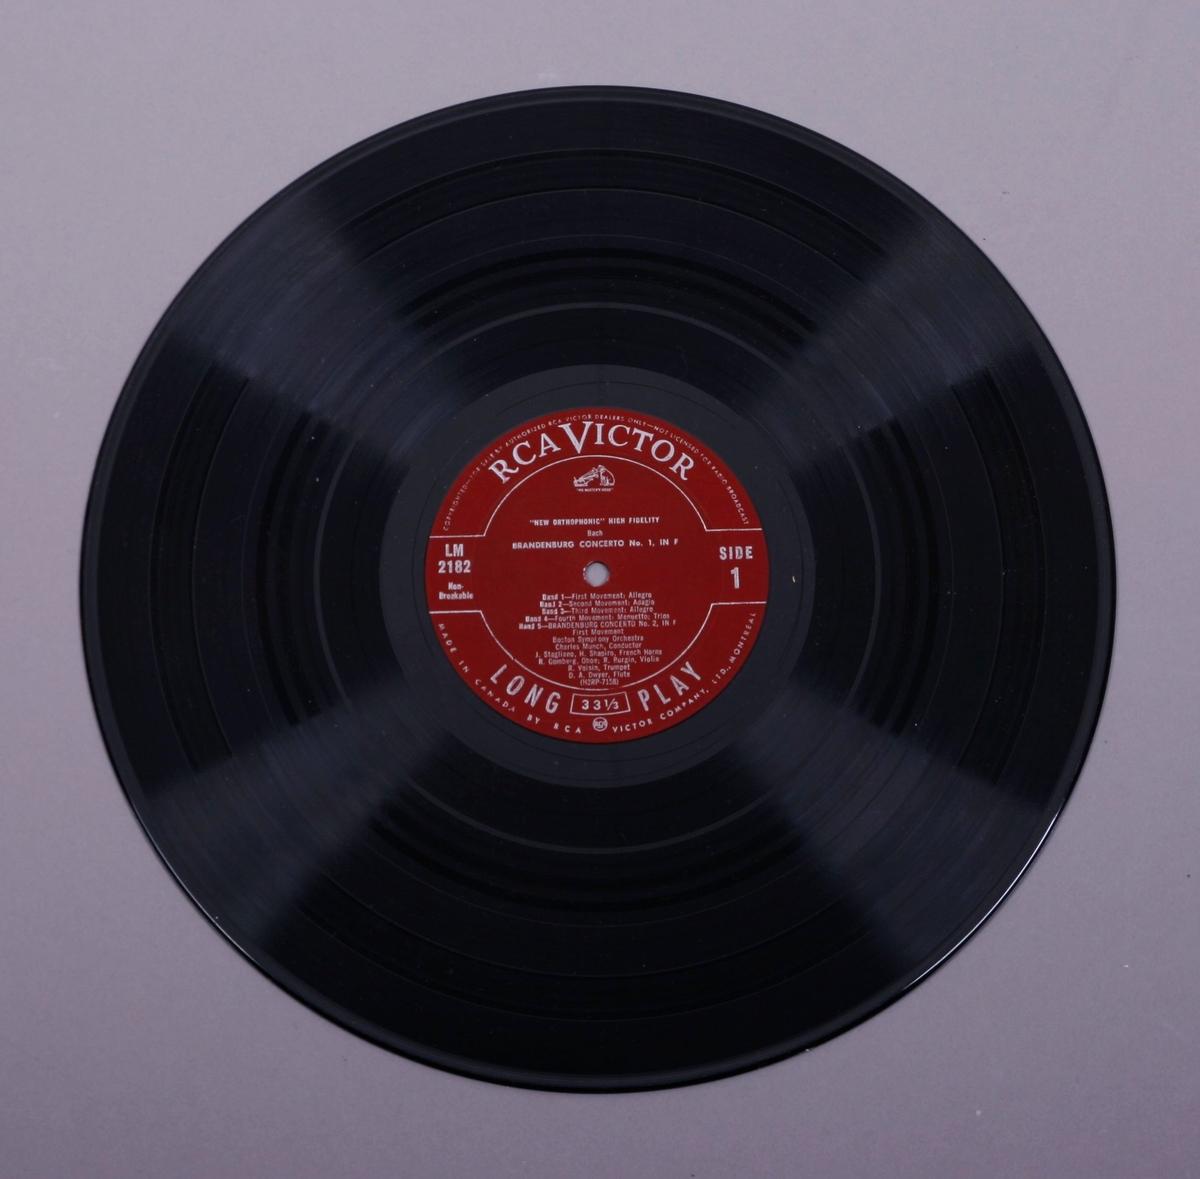 Grammofonplate i svart vinyl og plateomslag i papp. Plata ligger i en papirlomme.